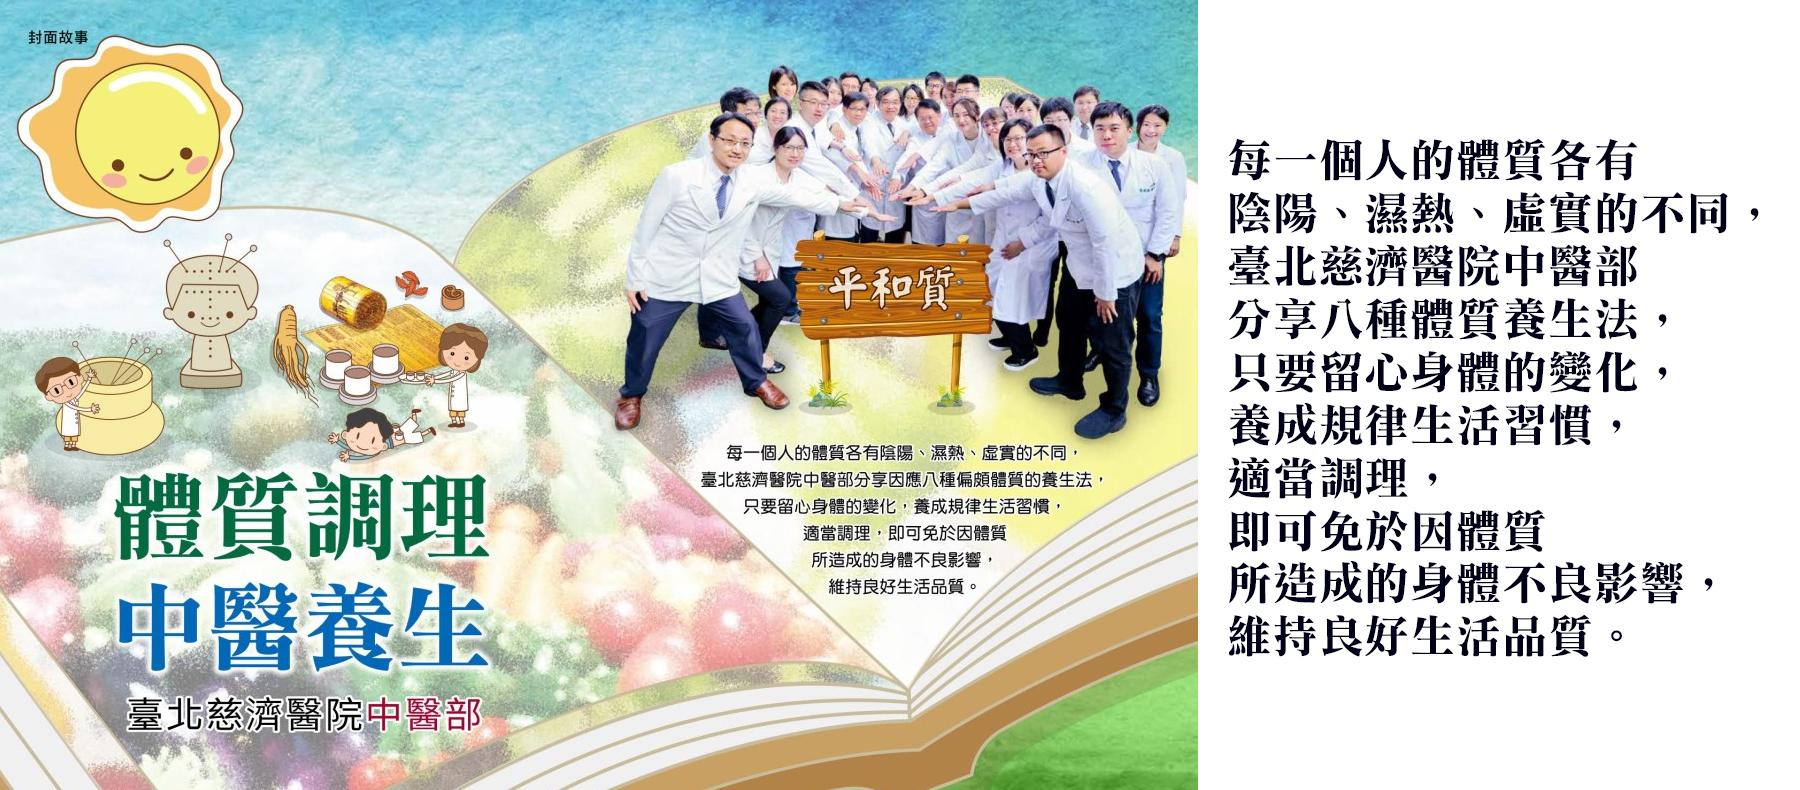 人醫心傳第185期-體質調理 中醫養生 臺北慈濟醫院中醫部